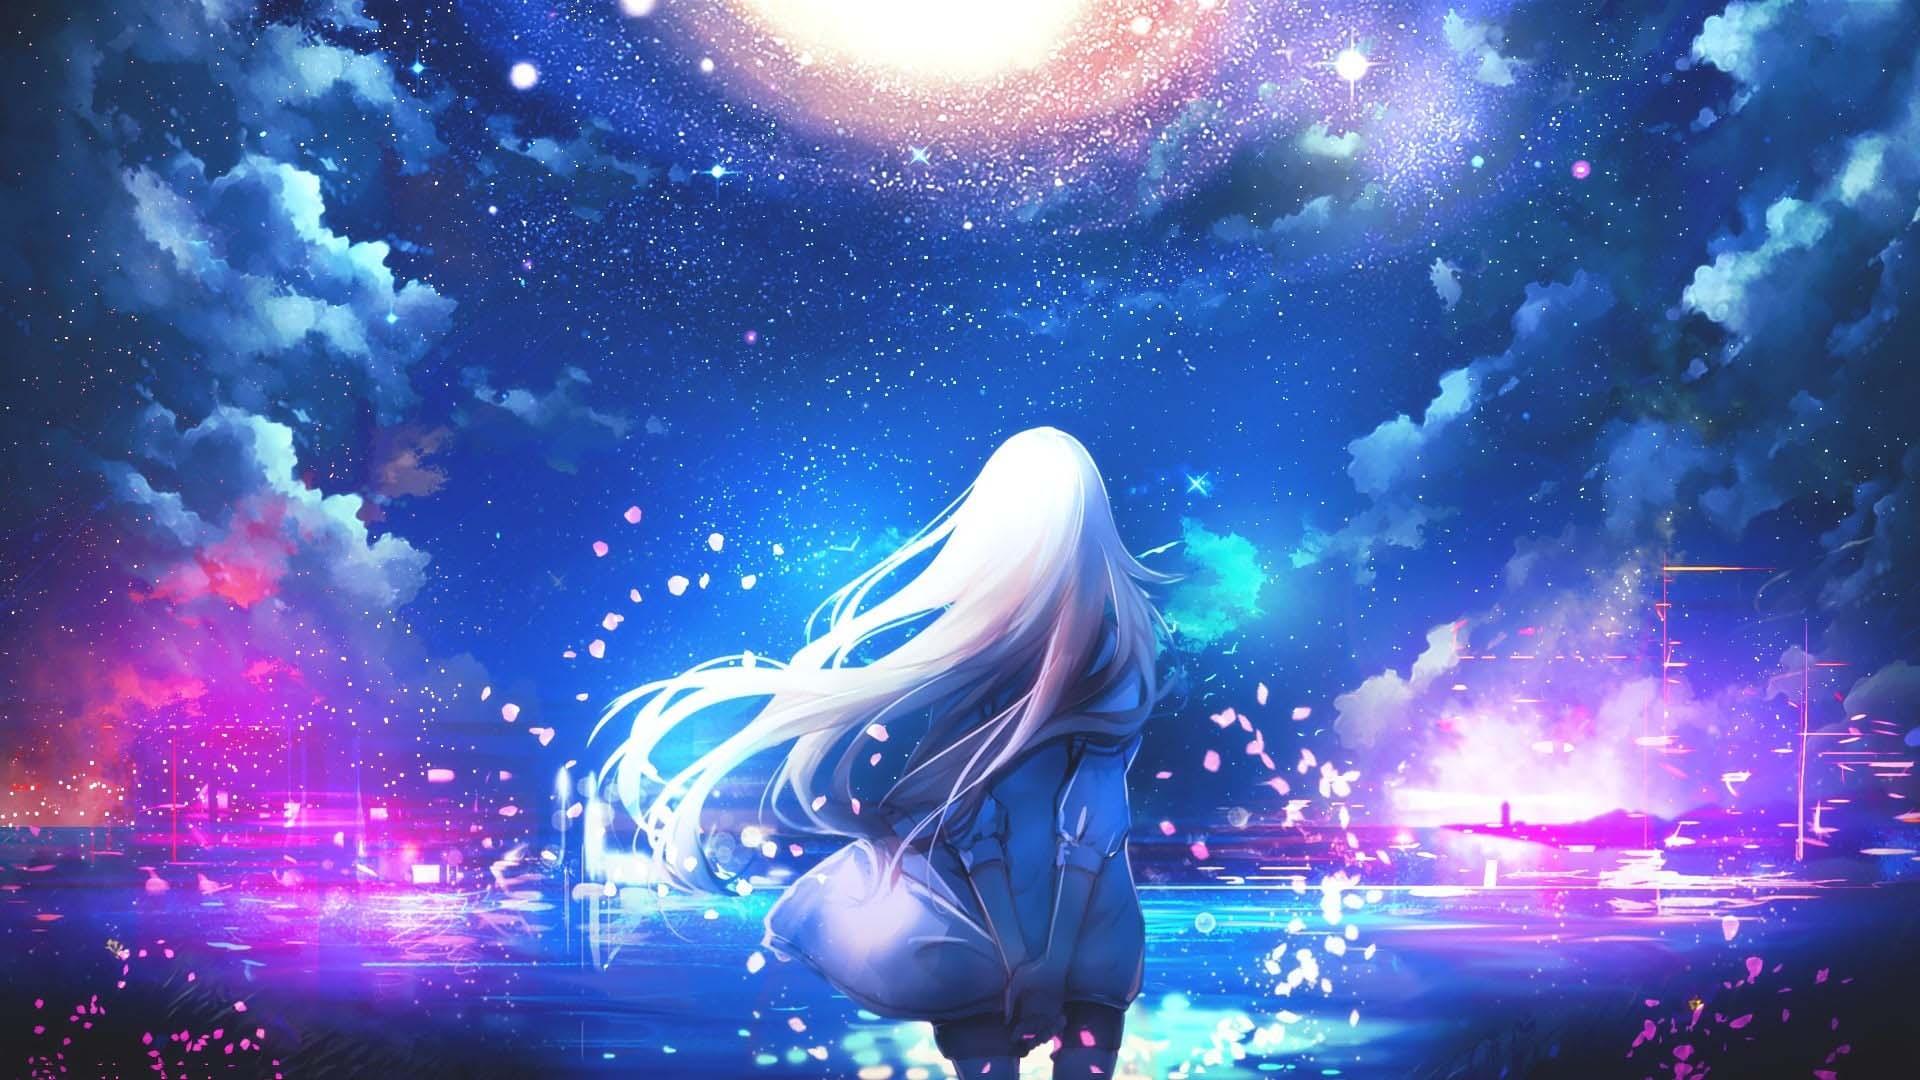 Hình anime galaxy cực đẹp